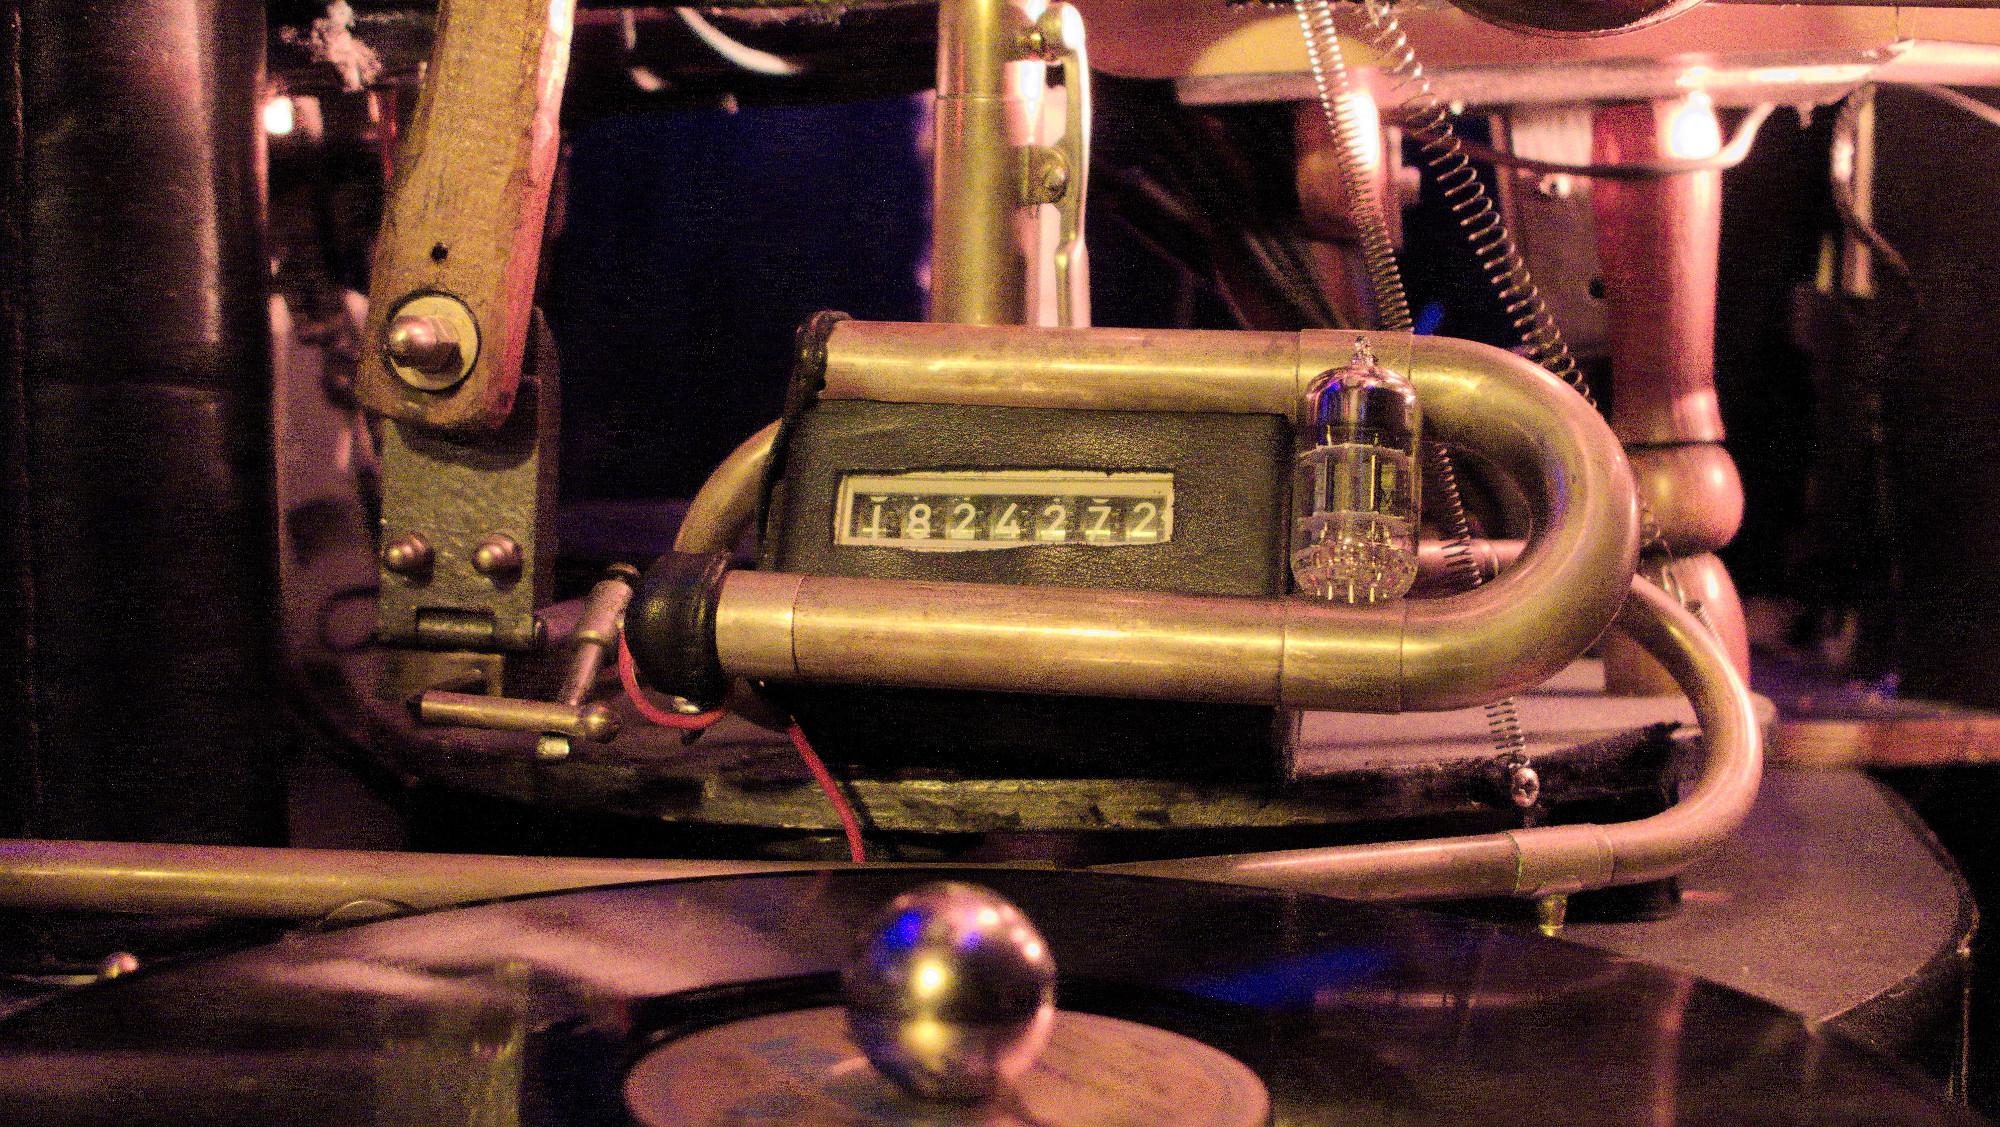 Detailbilder von der Musikmaschine